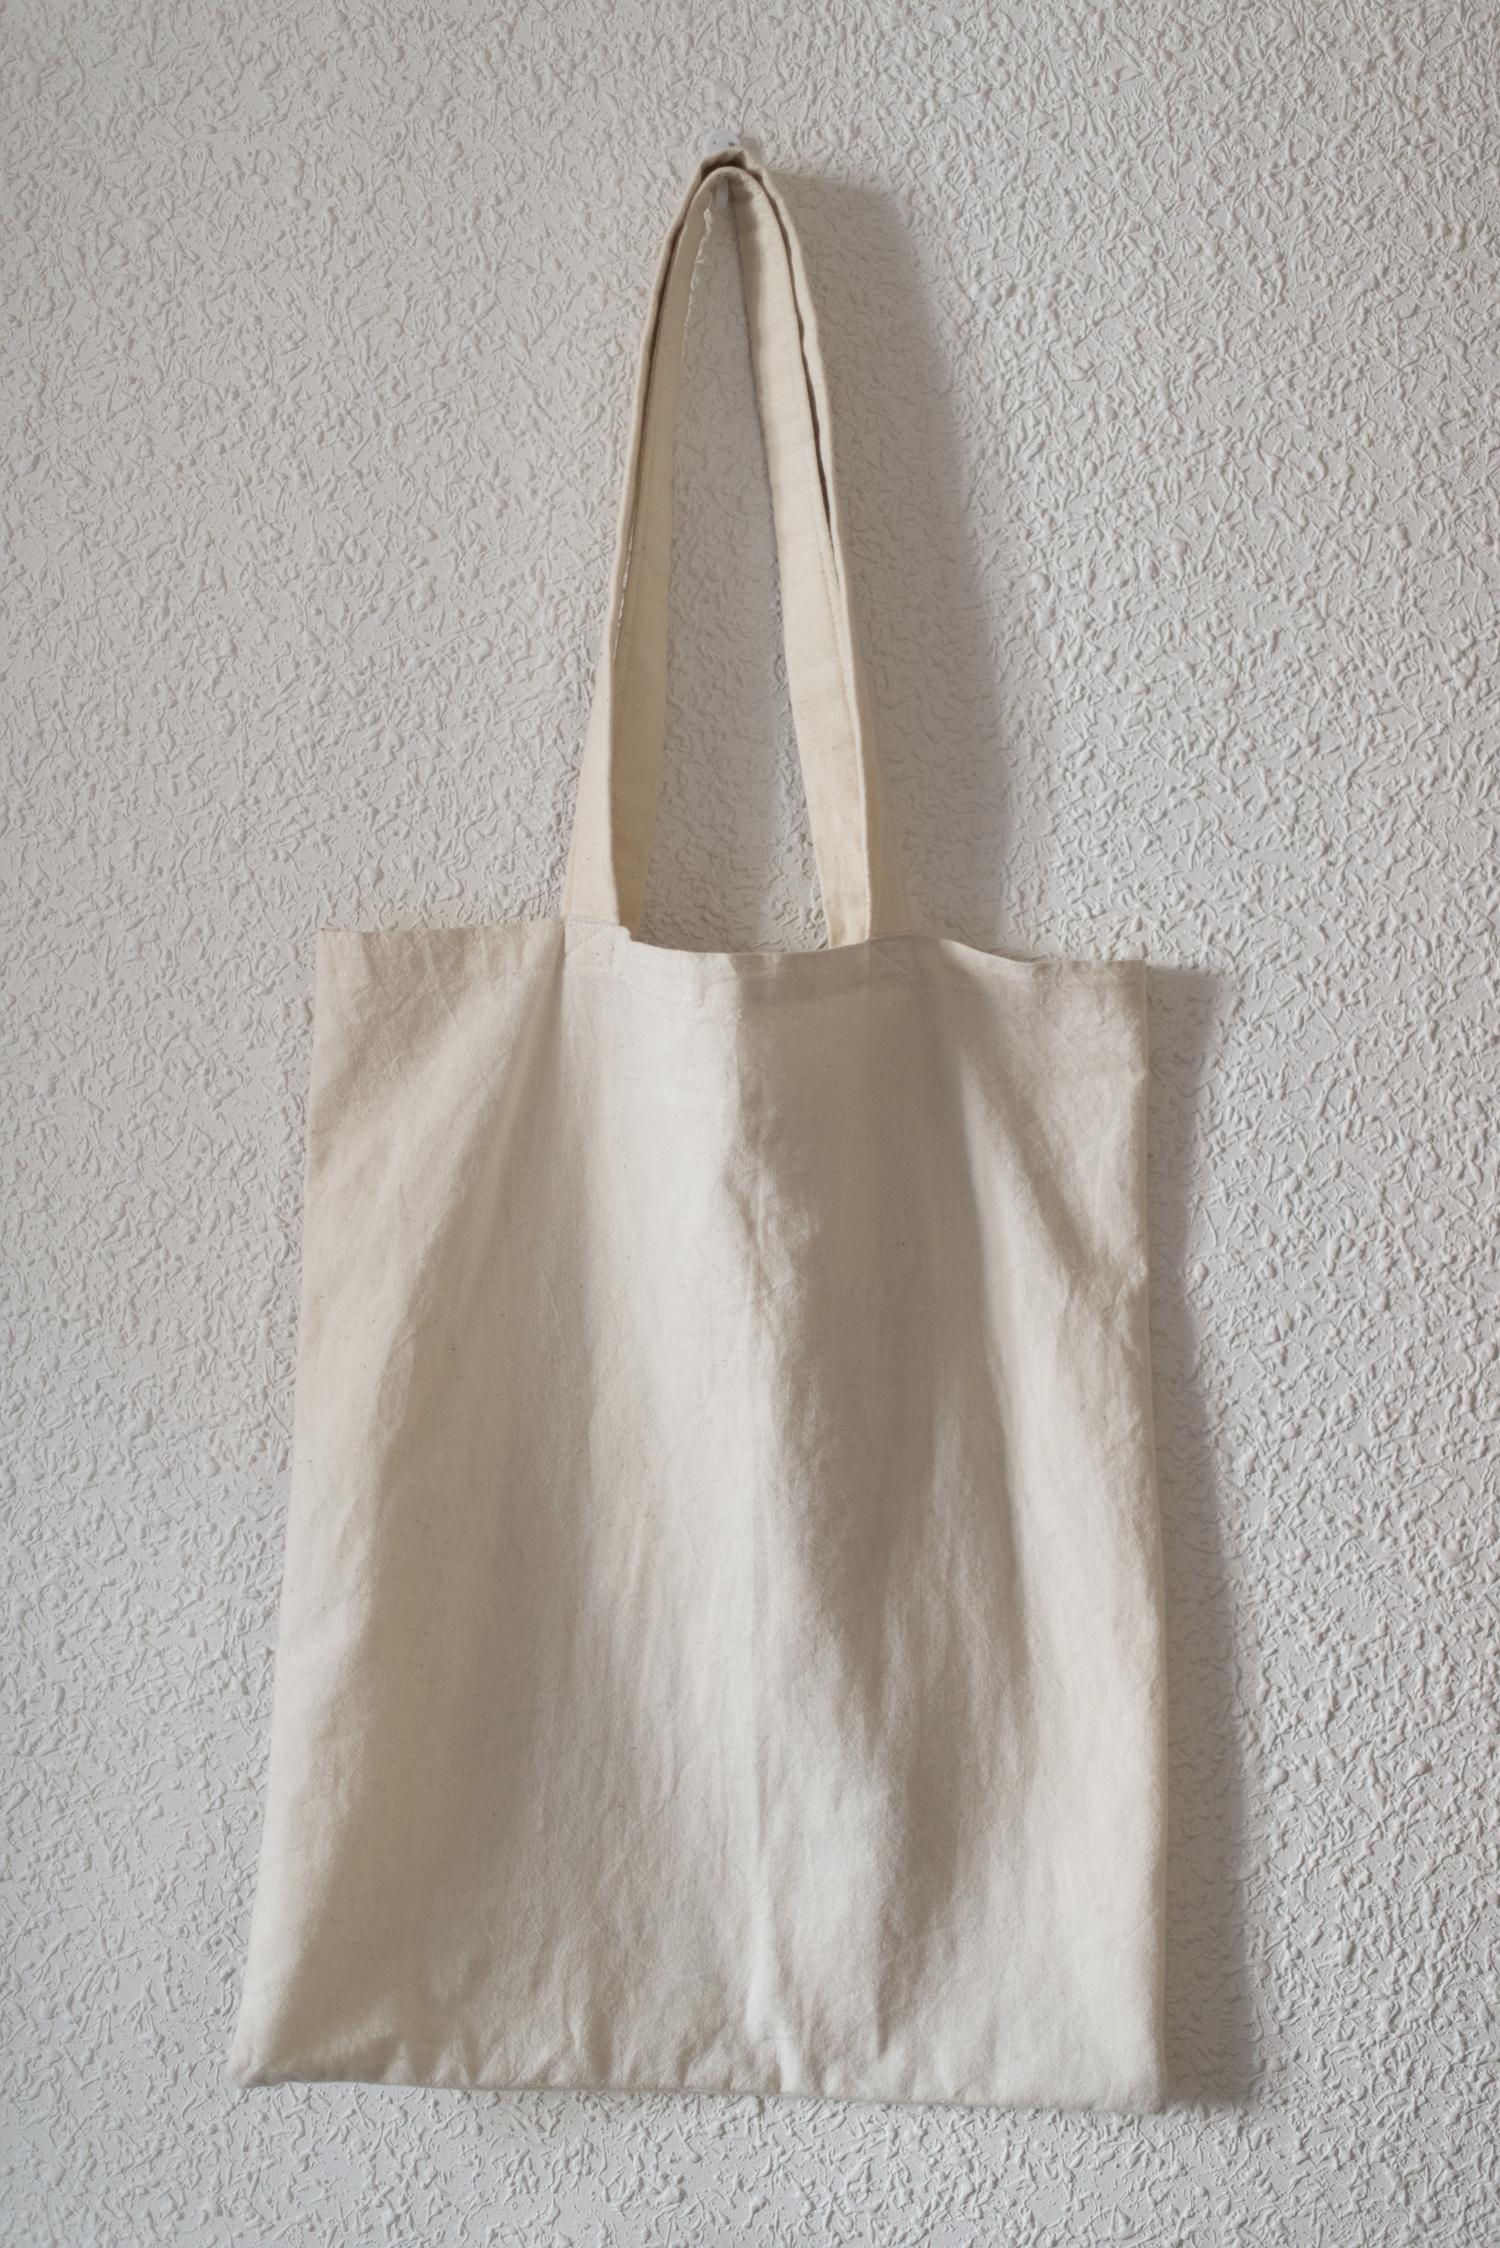 Diy bolsa de tela estampada con ojos miss galician pie - Donde comprar pintura para tela ...